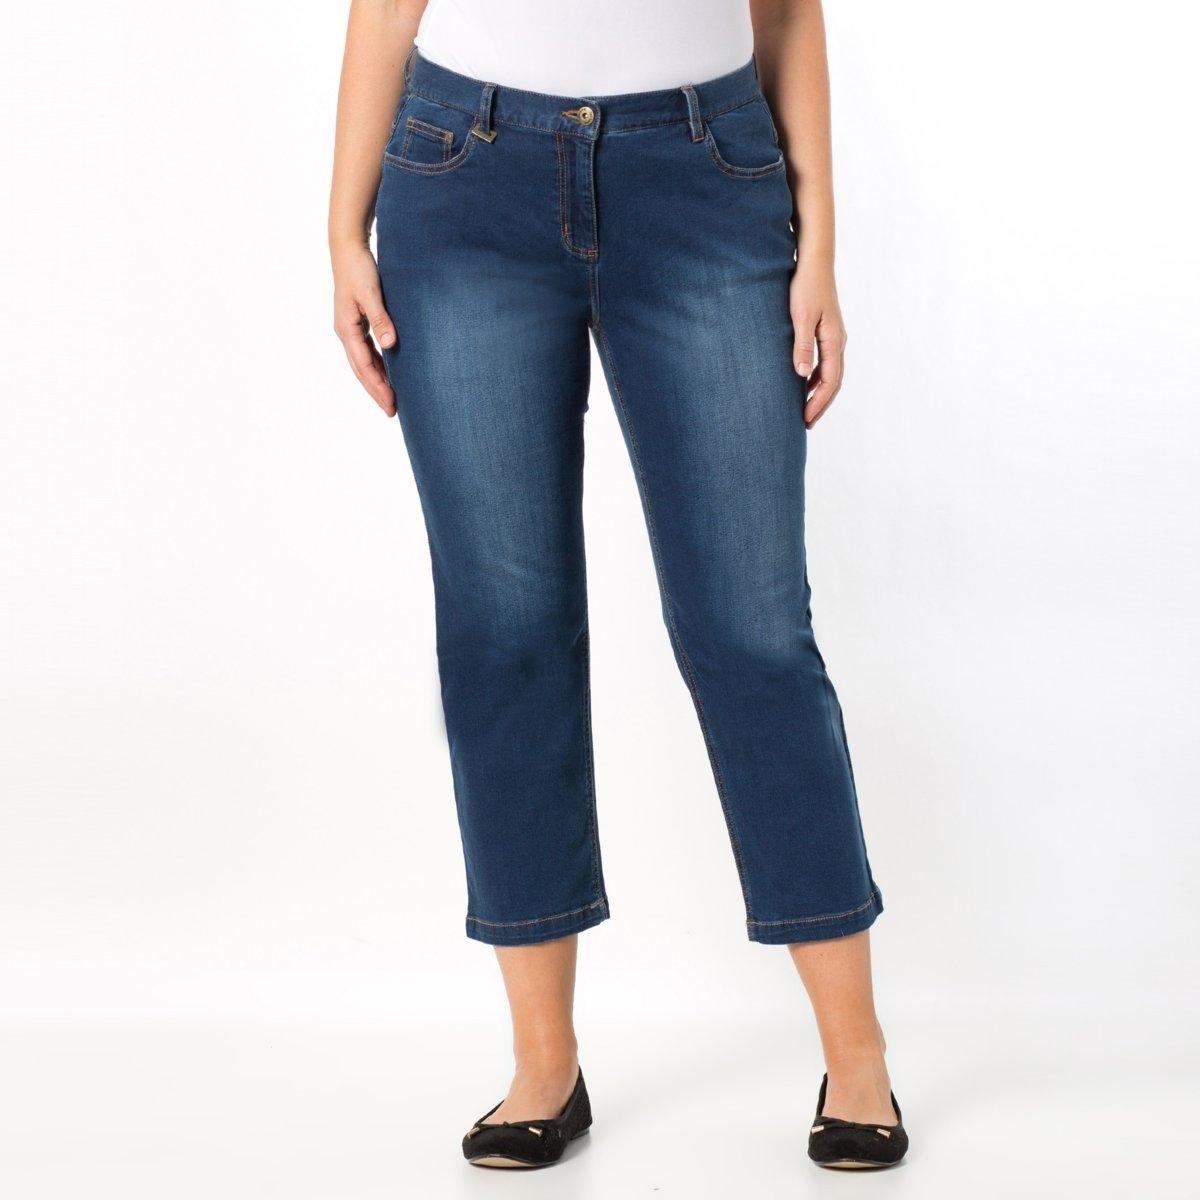 Брюки укороченные из денима стретчУкороченные брюки из денима стретч для обладательниц прямого силуэта. У вас не ярко выраженная талия, бедра без округлостей и прямой силуэт: эти идеально подходящие для лета укороченные брюки адаптируются к особенностям Вашей фигуры, гармонизируя силуэт! Ультракомфортный деним стретч, 98% хлопка, 2% эластана. Длина по внутр.шву 62 см. Ширина по низу 20 см.<br><br>Цвет: голубой потертый,синий потертый,темно-синий,черный<br>Размер: 52 (FR) - 58 (RUS).52 (FR) - 58 (RUS).50 (FR) - 56 (RUS).52 (FR) - 58 (RUS).54 (FR) - 60 (RUS).54 (FR) - 60 (RUS).46 (FR) - 52 (RUS).48 (FR) - 54 (RUS)